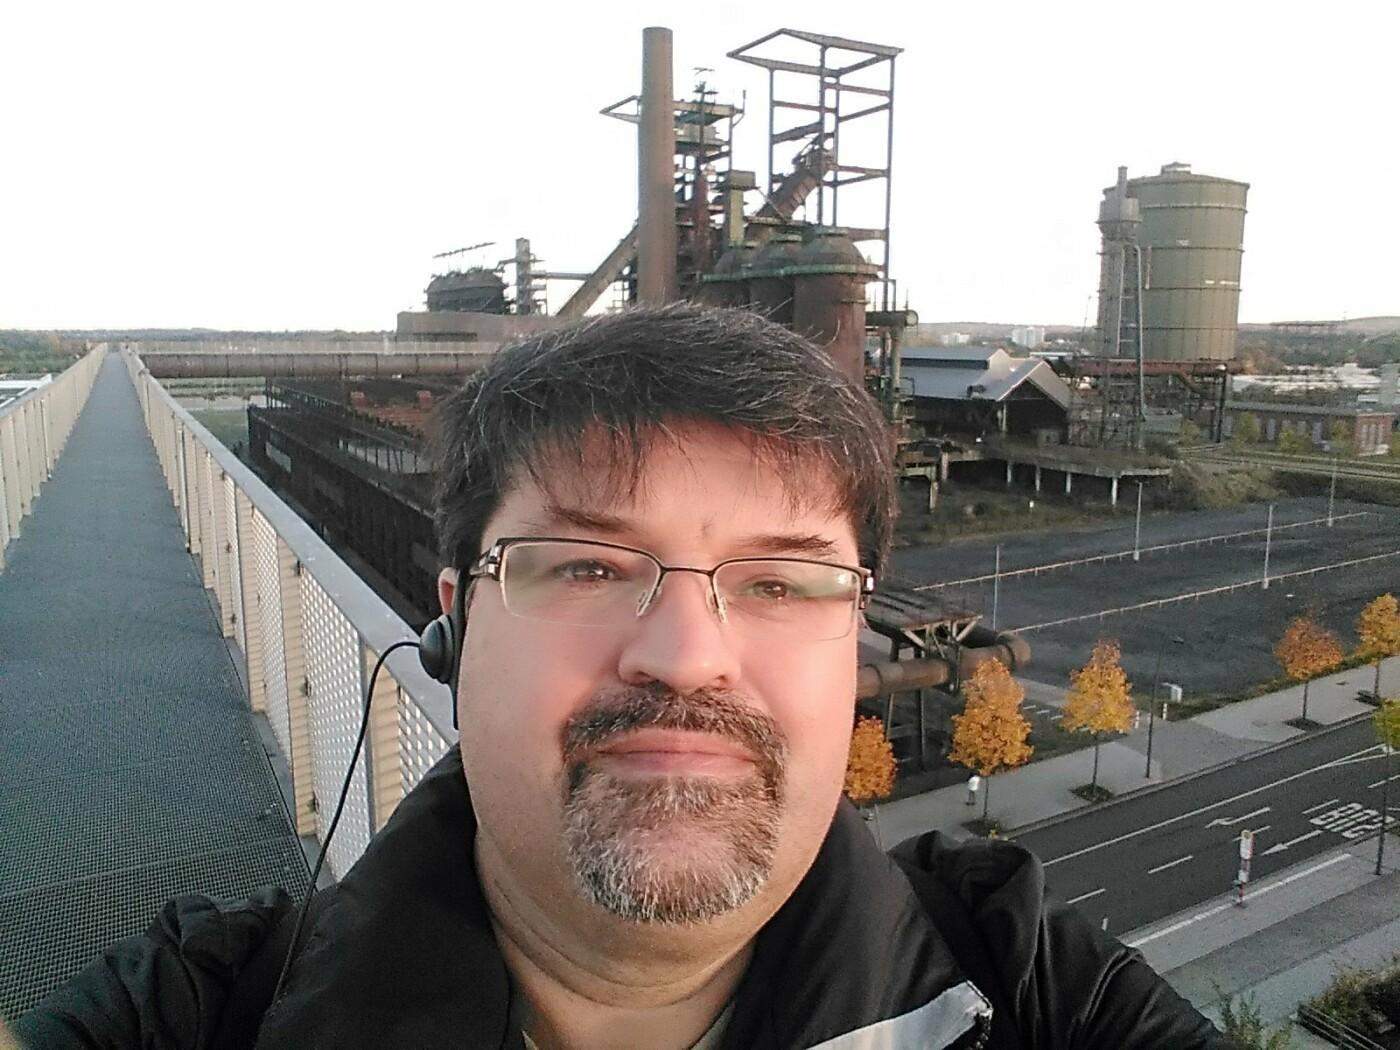 Есть ли жизнь после металлургических заводов? Дортмунд - немецкий аналог Мариуполя, но уже без стали и угля, - ФОТО, фото-1